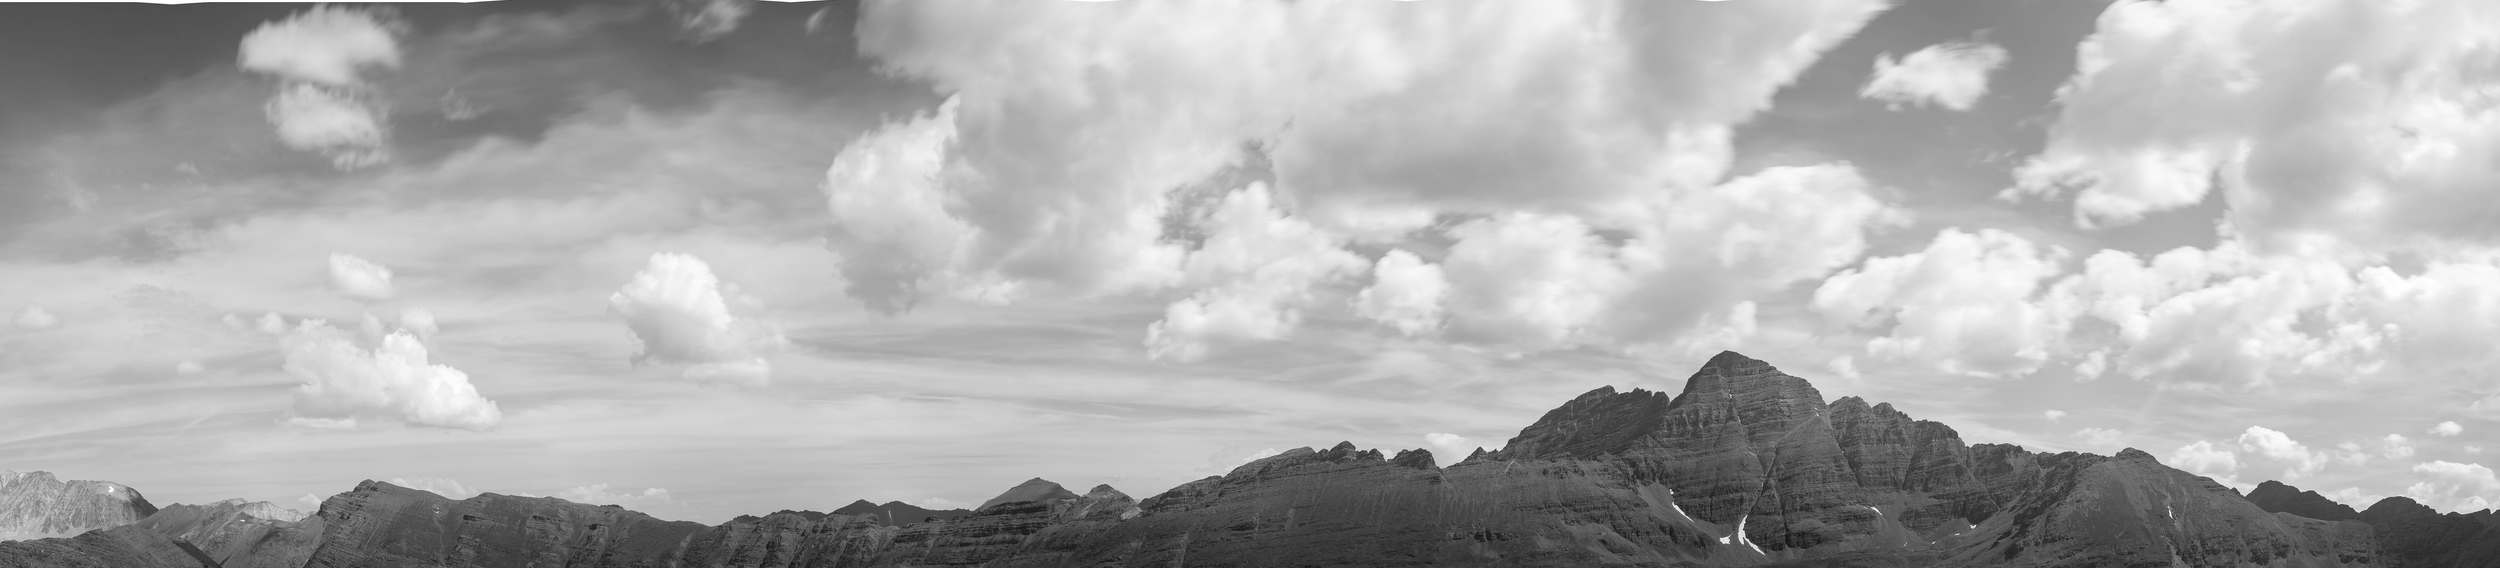 Backside of Maroon Peak shot at F.16 13 sec